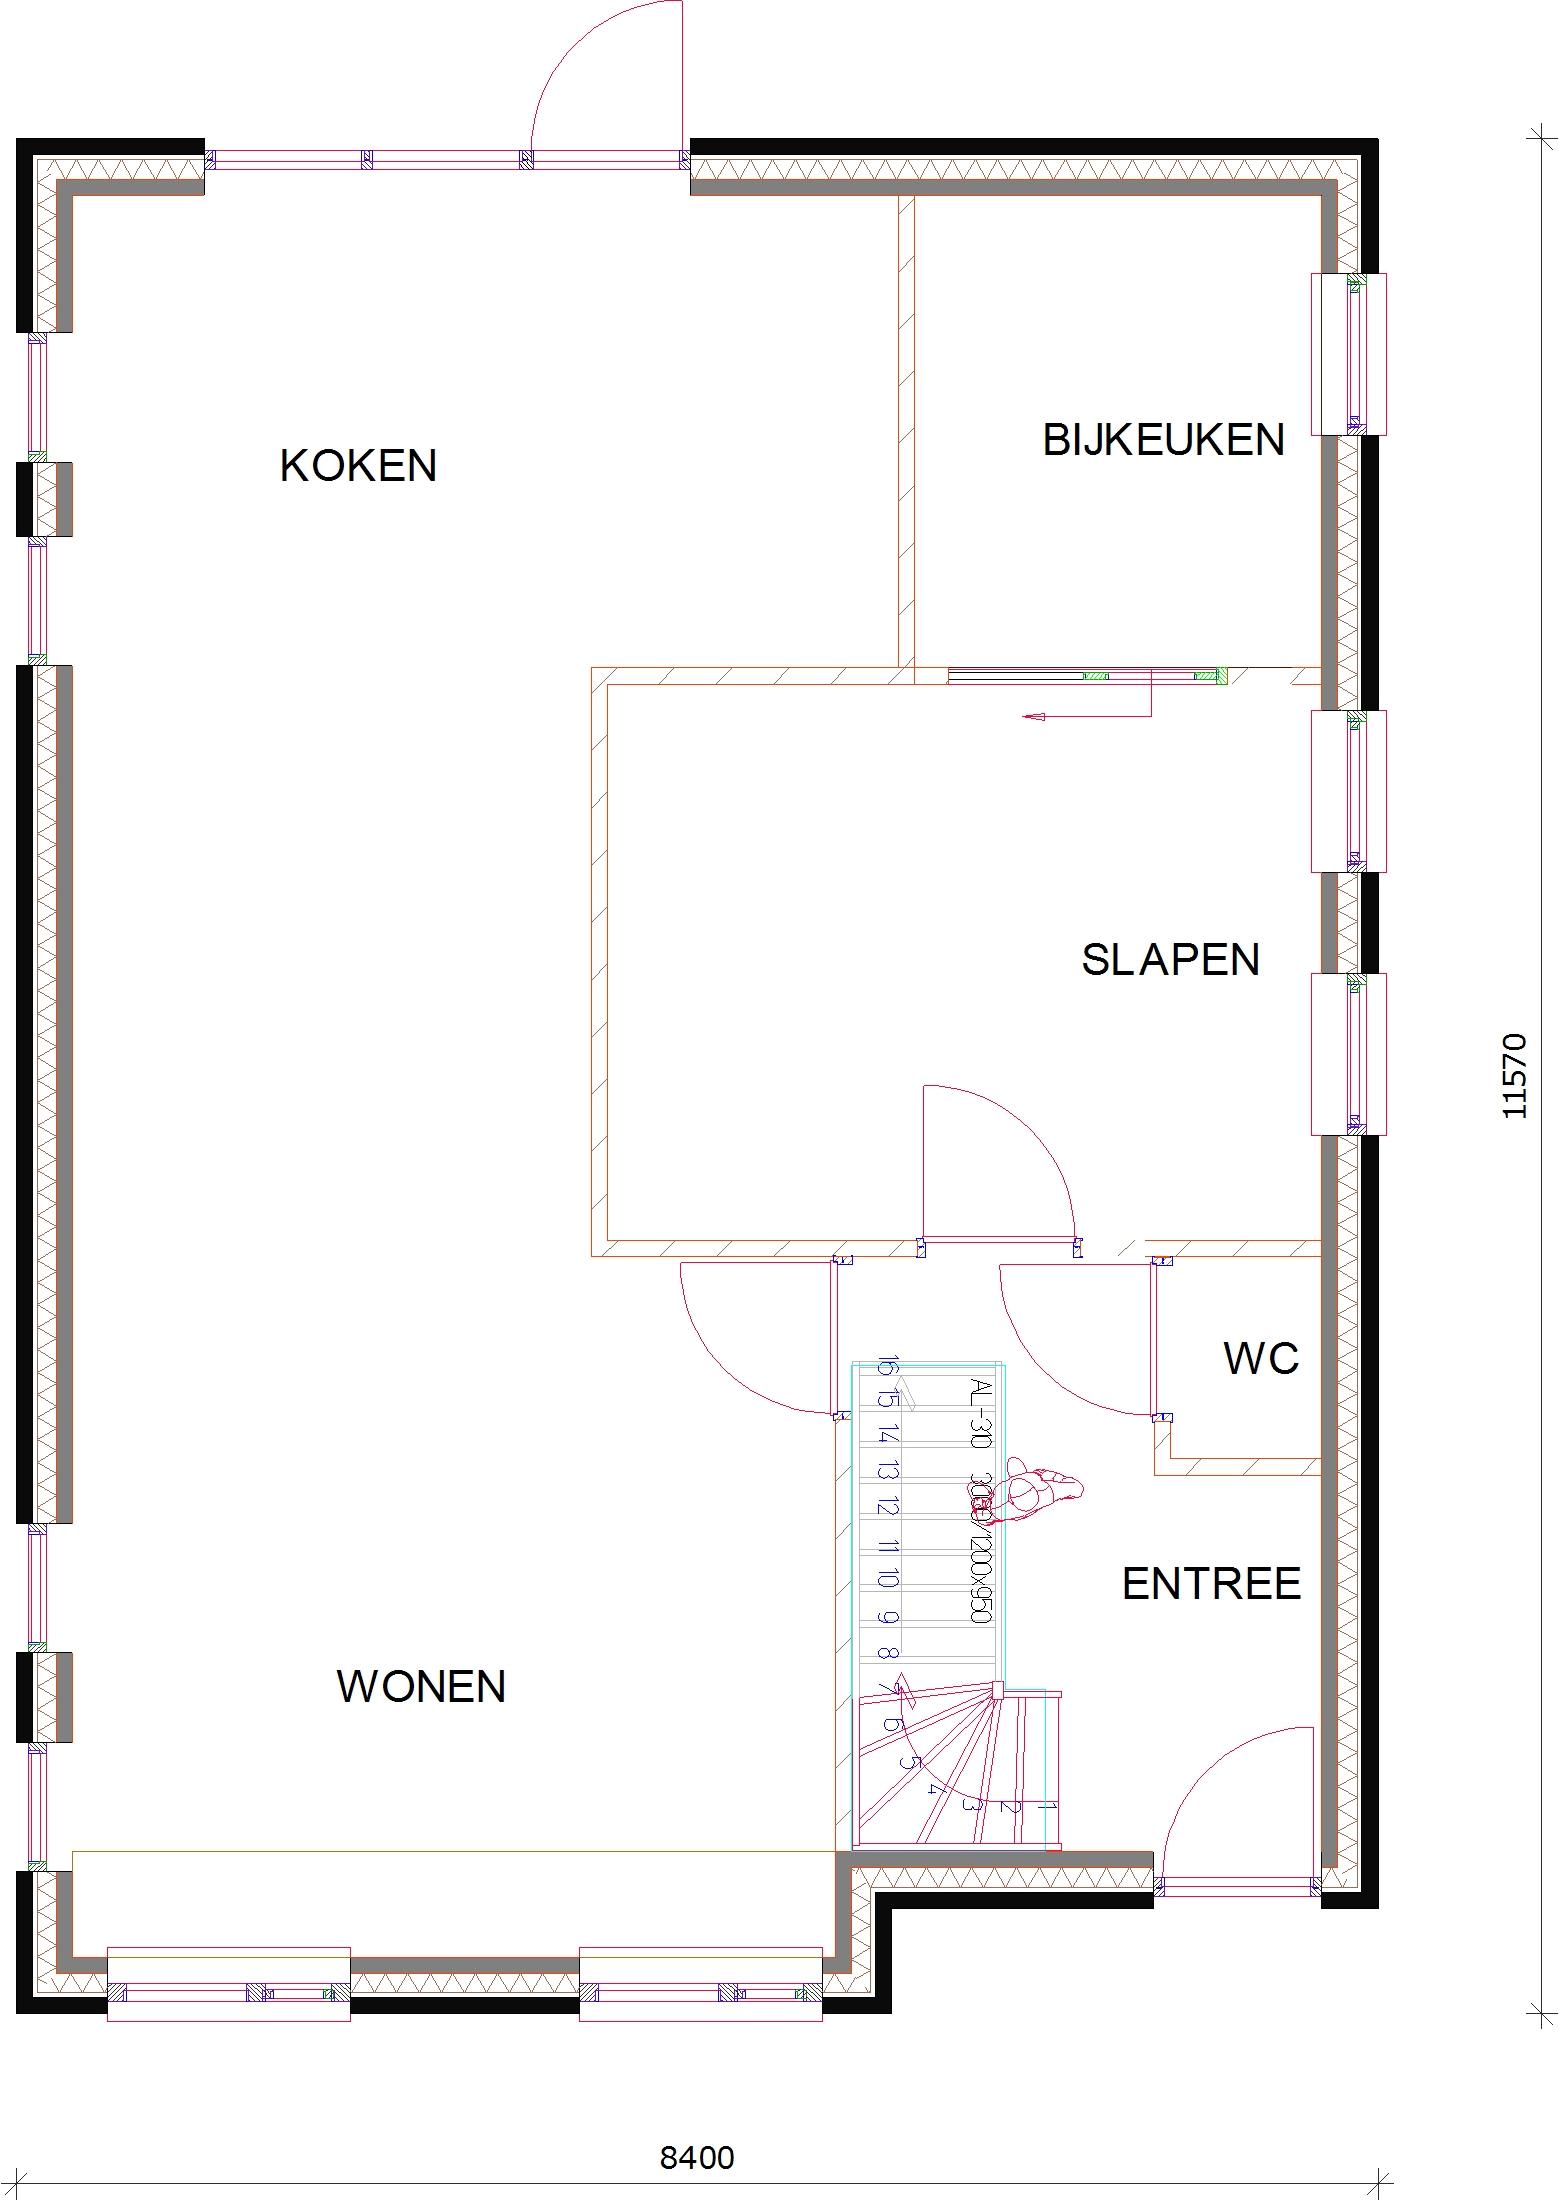 diverse fotosafbeeldingen van woningen met badkamerslaapkamer op de begane grond